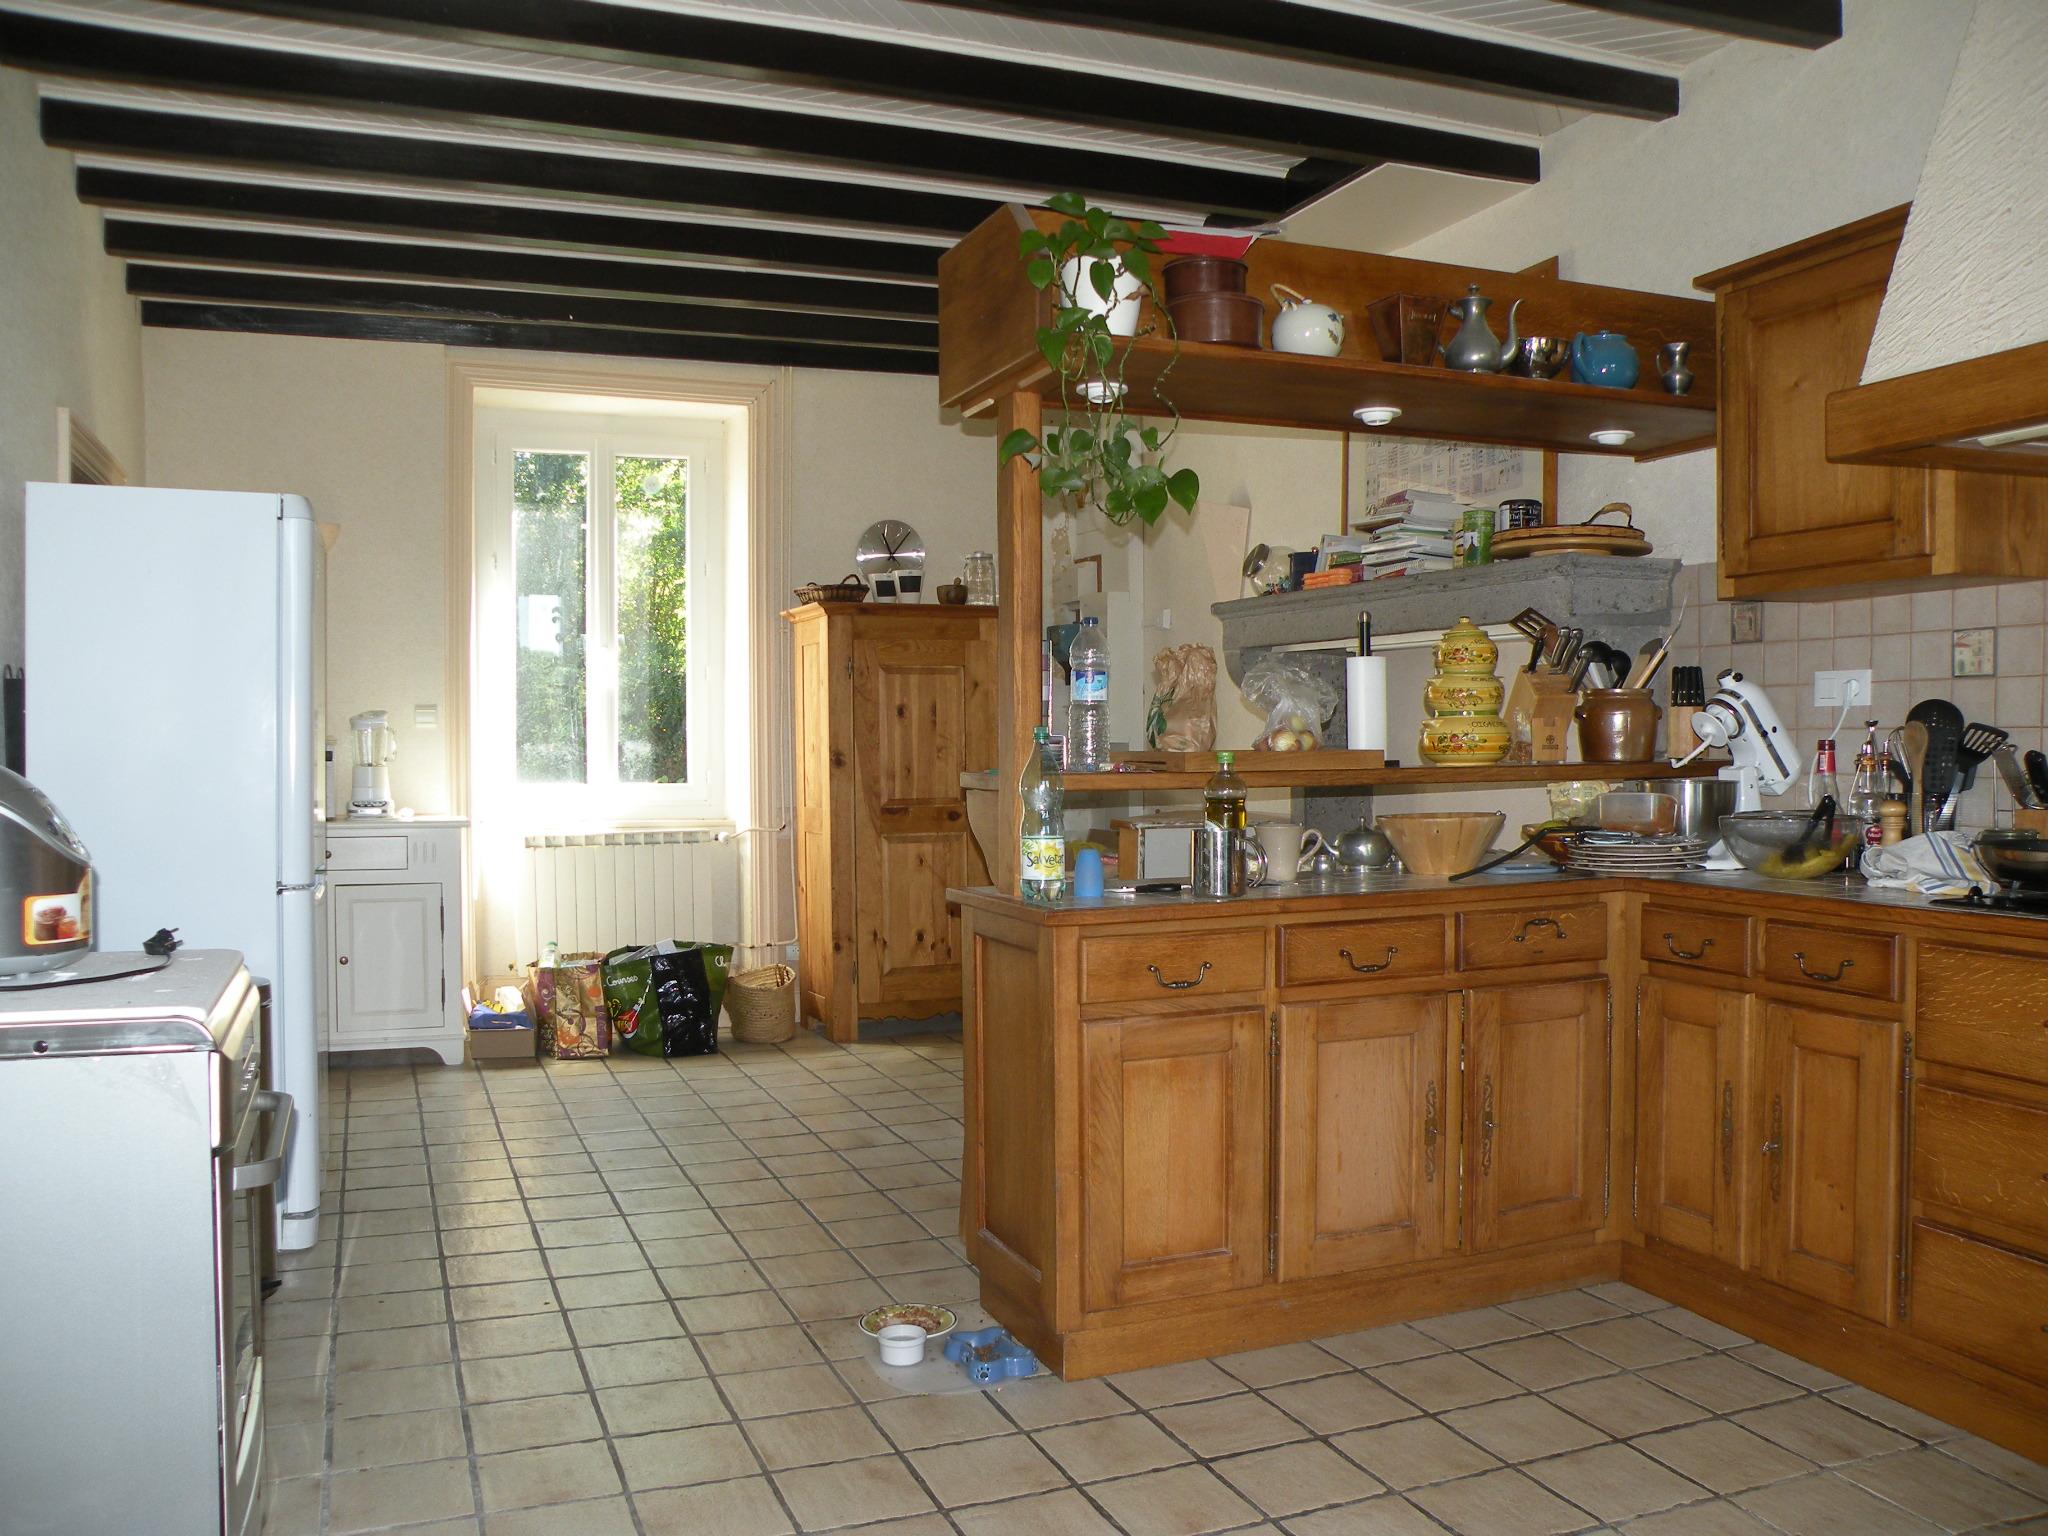 Meubler la cuisine - Image de placard de cuisine ...